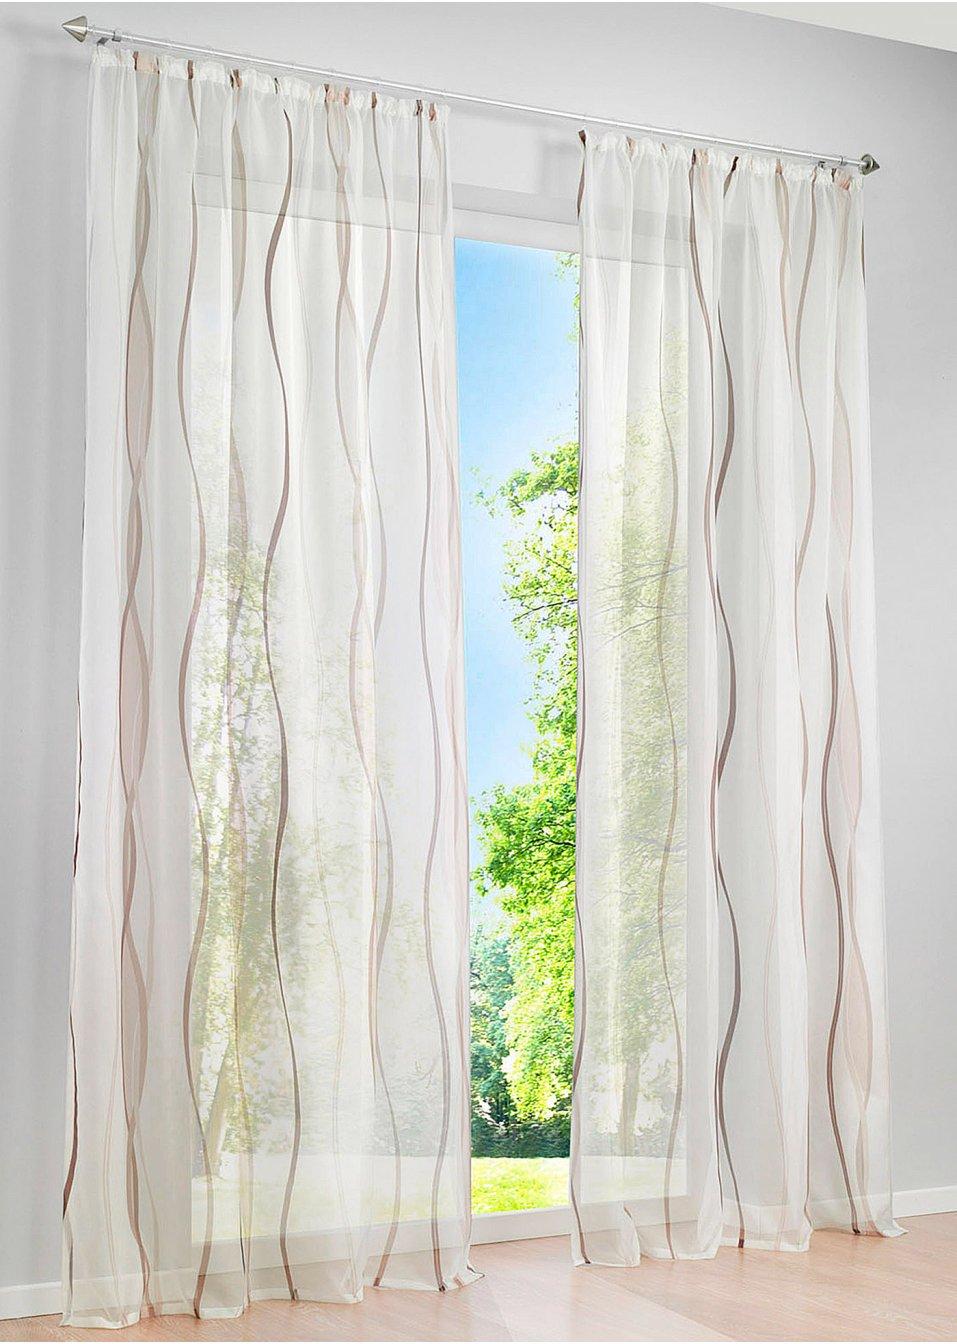 Full Size of Transparente Gardine In Zeitlosem Design Creme Braun Vorhänge Küche Wohnzimmer Bonprix Betten Schlafzimmer Wohnzimmer Bon Prix Vorhänge